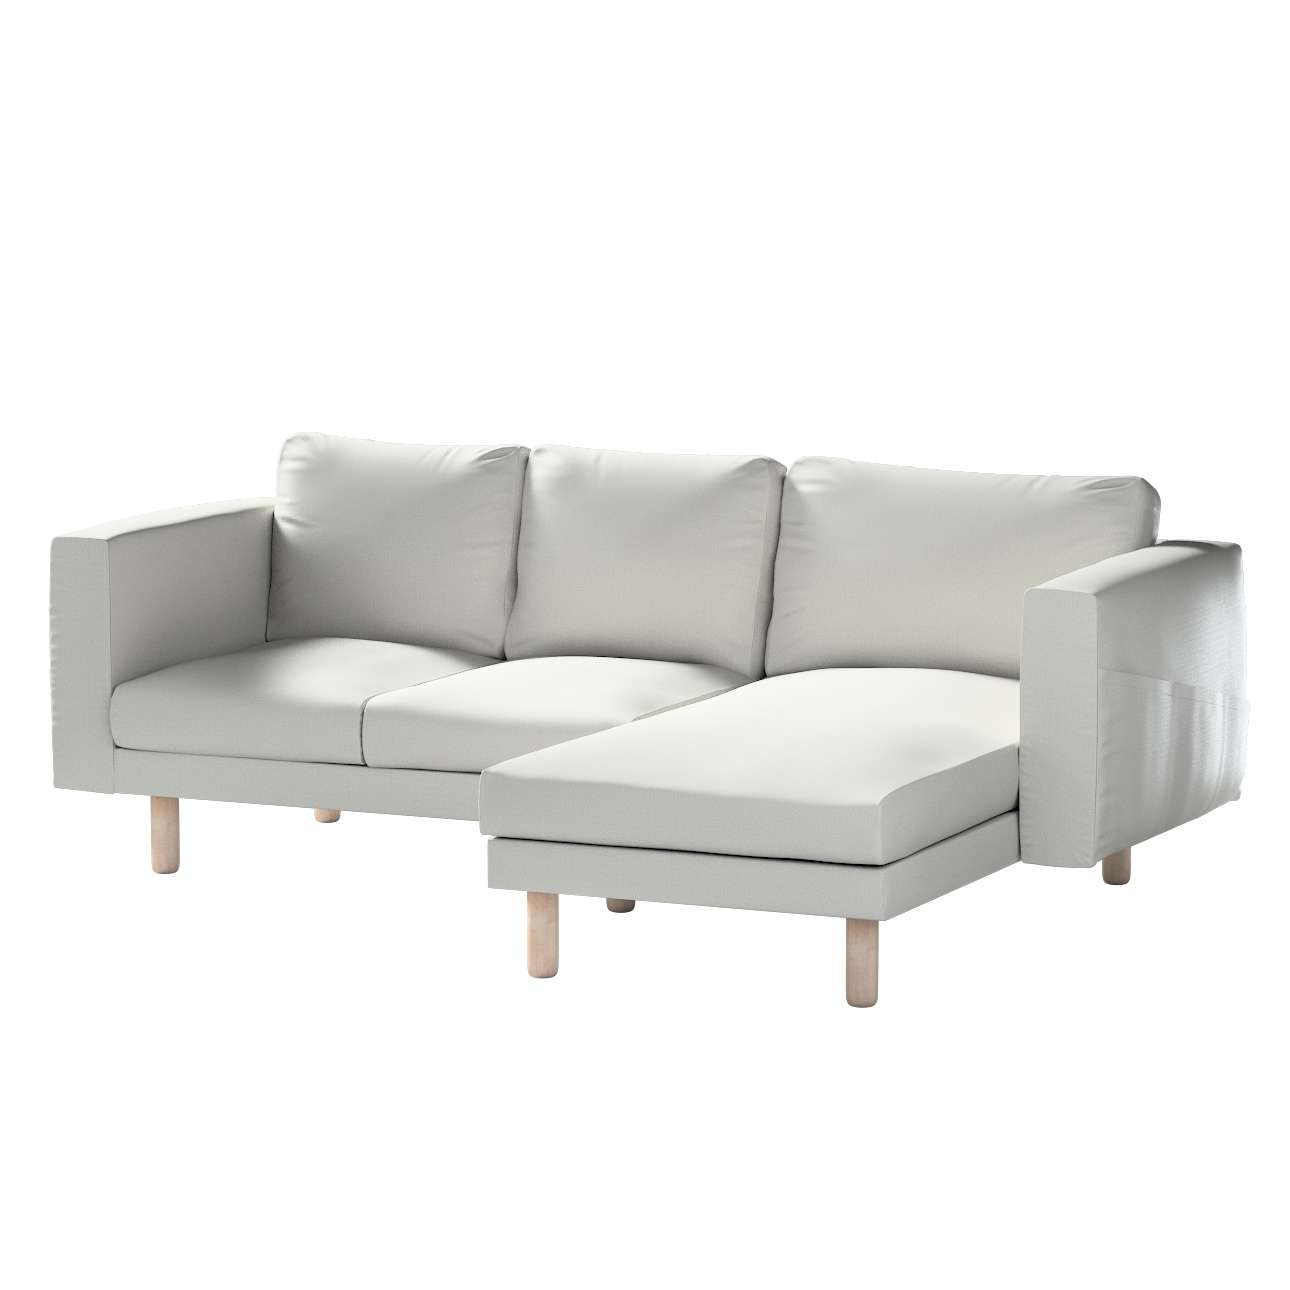 Pokrowiec na sofę Norsborg 3-osobową z szezlongiem w kolekcji Bergen, tkanina: 161-84